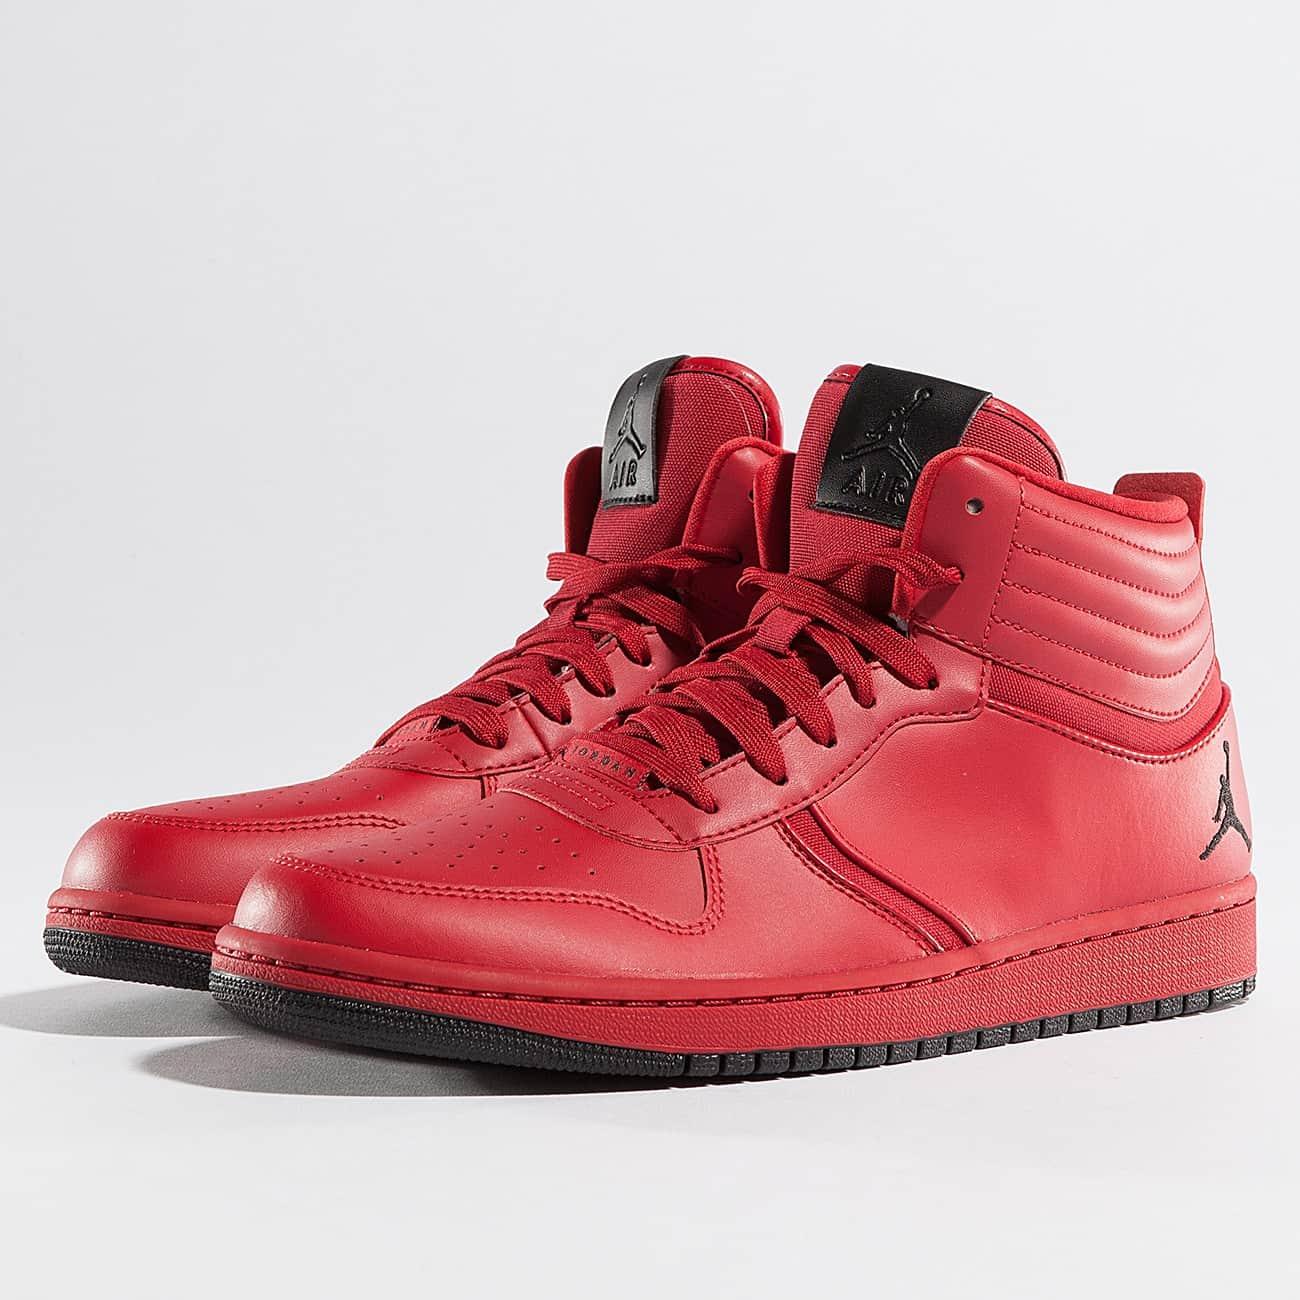 chaussure rouge jordan jordan air air chaussure rouge air jordan rouge chaussure chaussure air QdCtshr